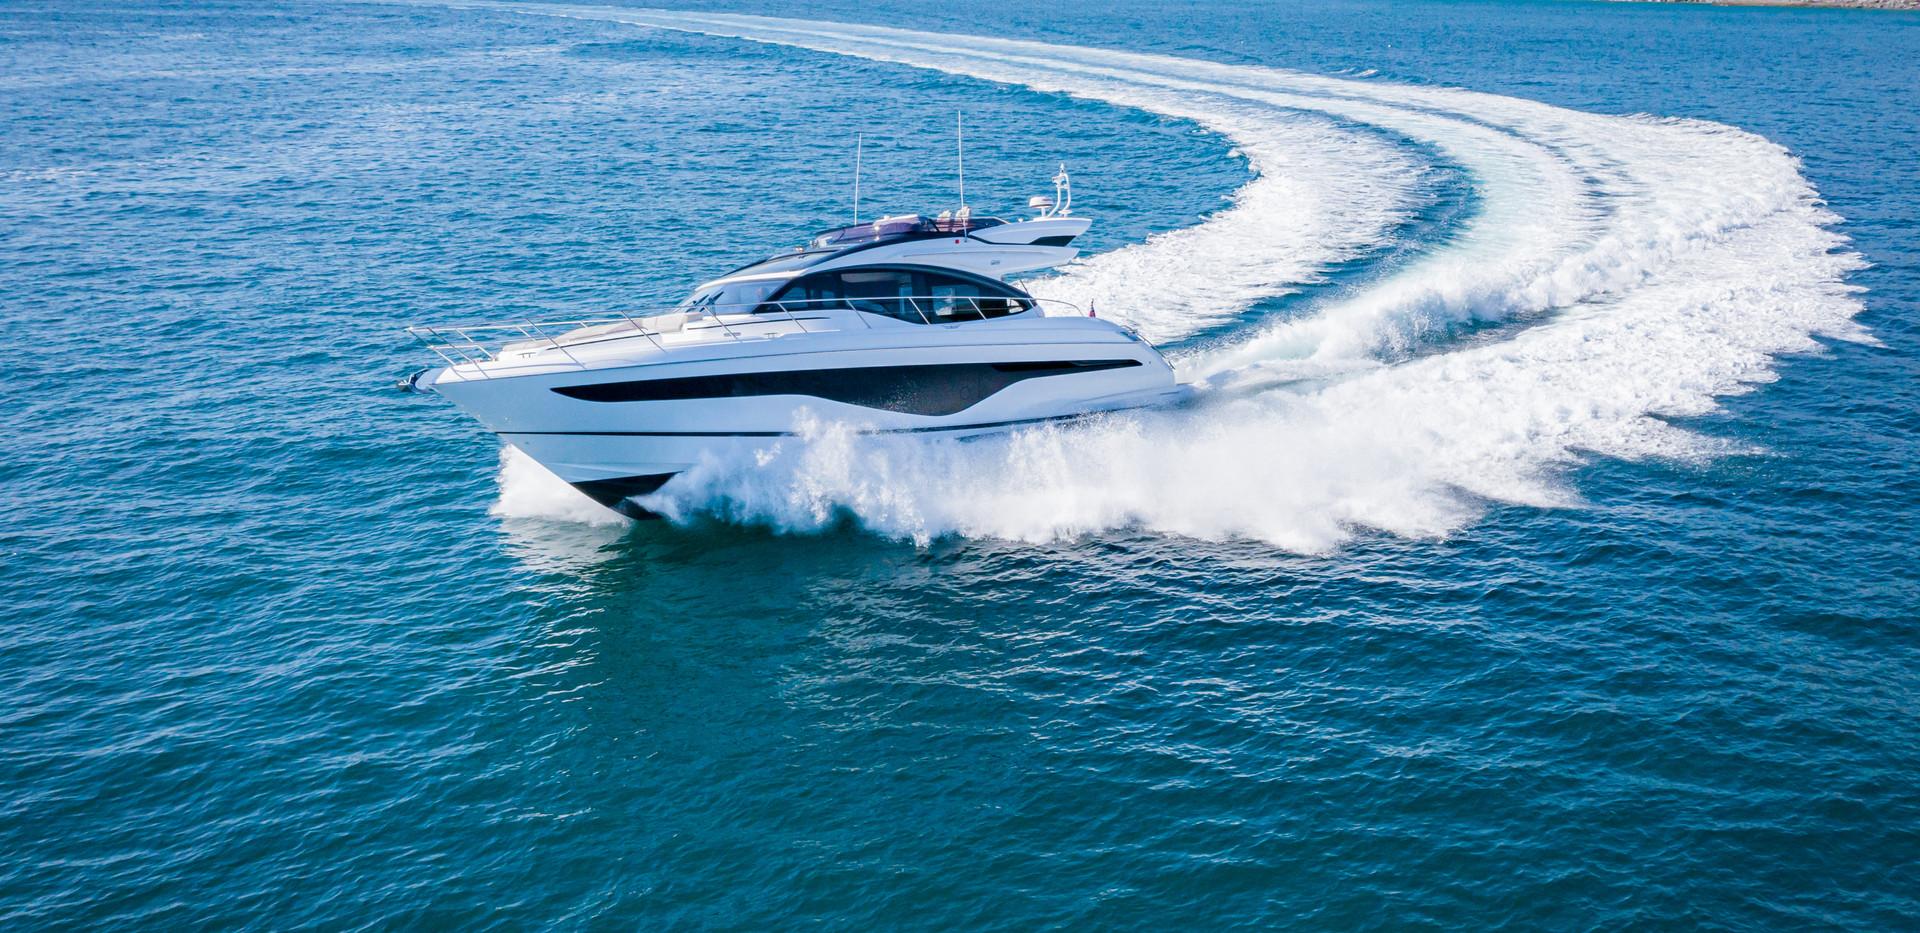 s62-exterior-white-hull-4.jpg